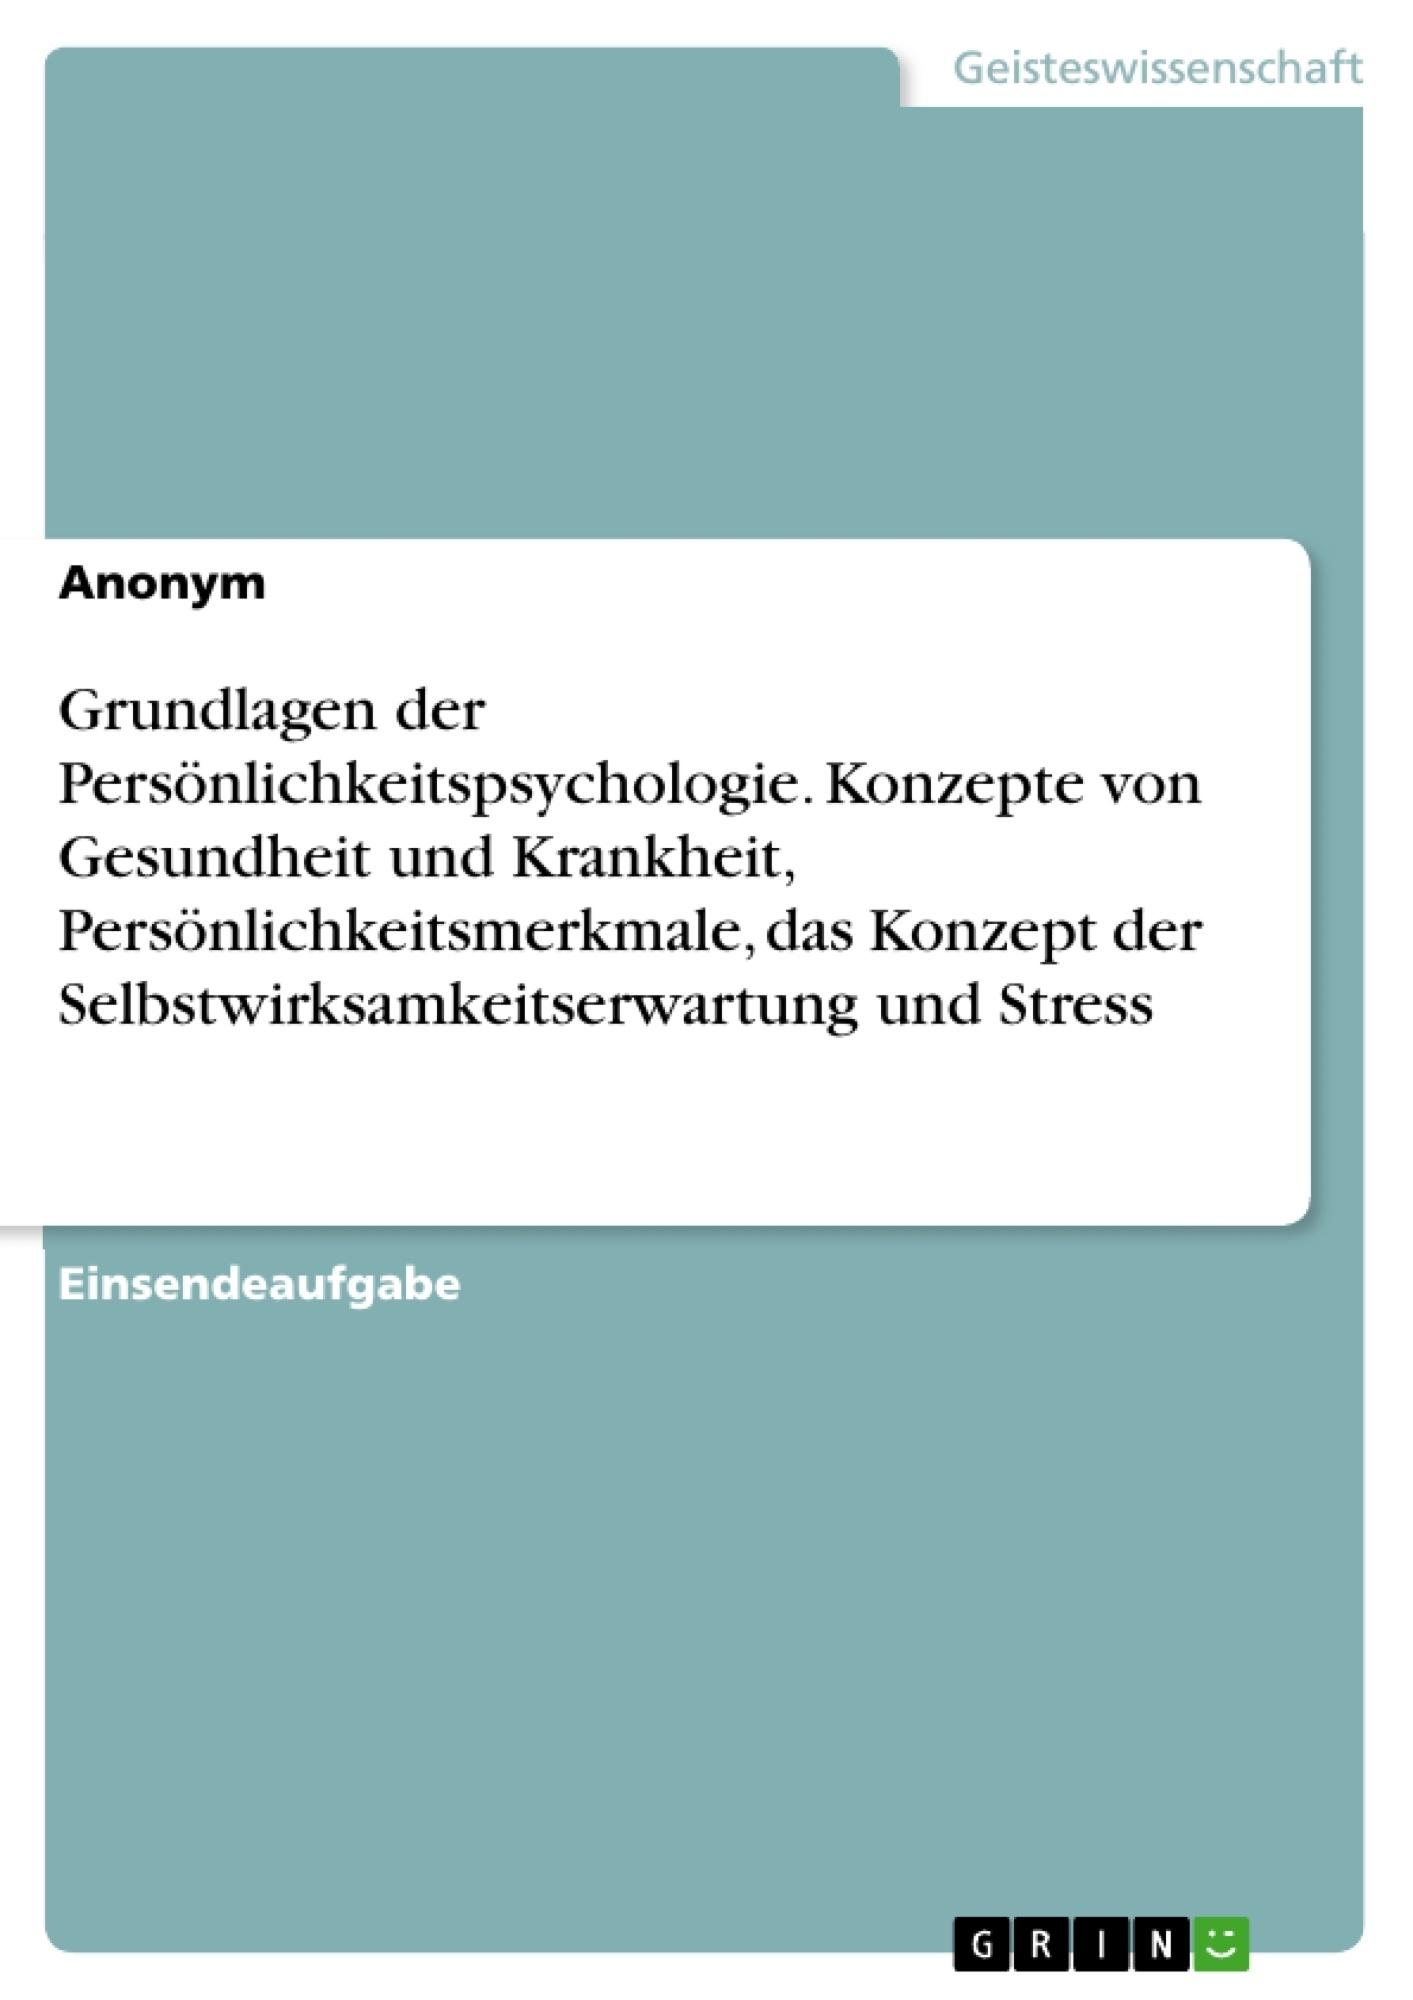 Titel: Grundlagen der Persönlichkeitspsychologie. Konzepte von Gesundheit und Krankheit, Persönlichkeitsmerkmale, das Konzept der Selbstwirksamkeitserwartung und Stress